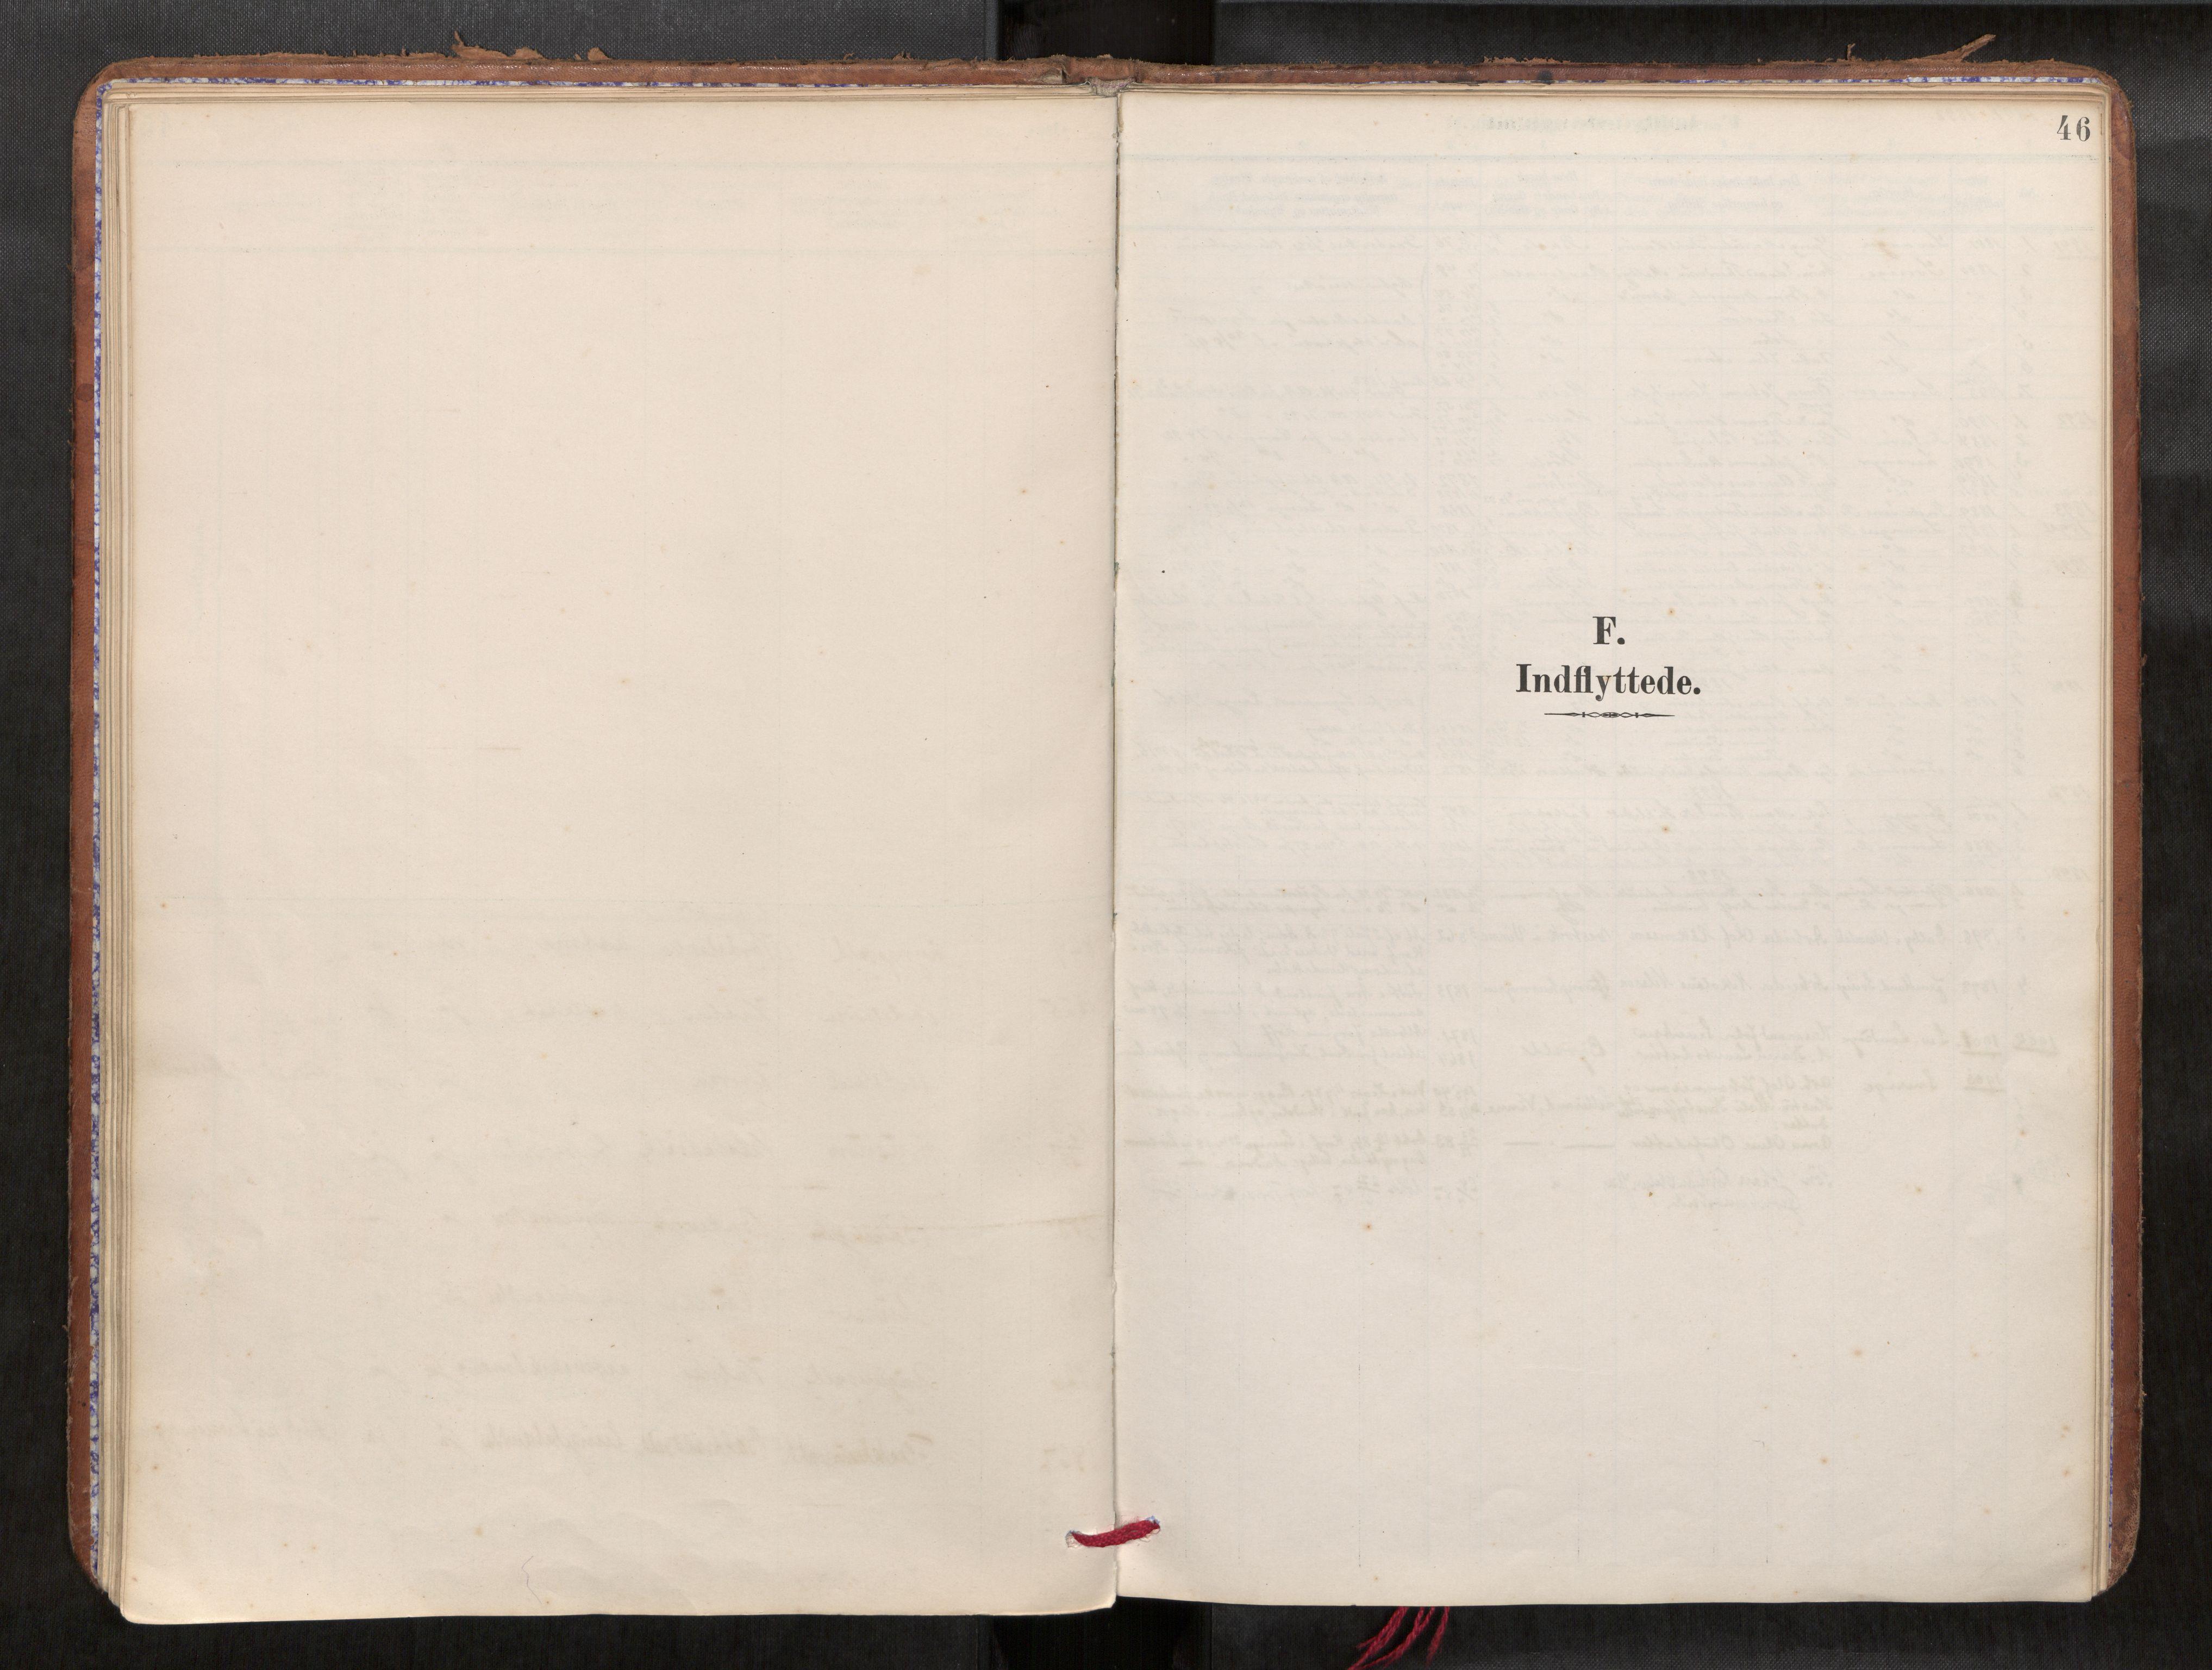 SAT, Verdal sokneprestkontor*, Parish register (official) no. 1, 1891-1907, p. 46